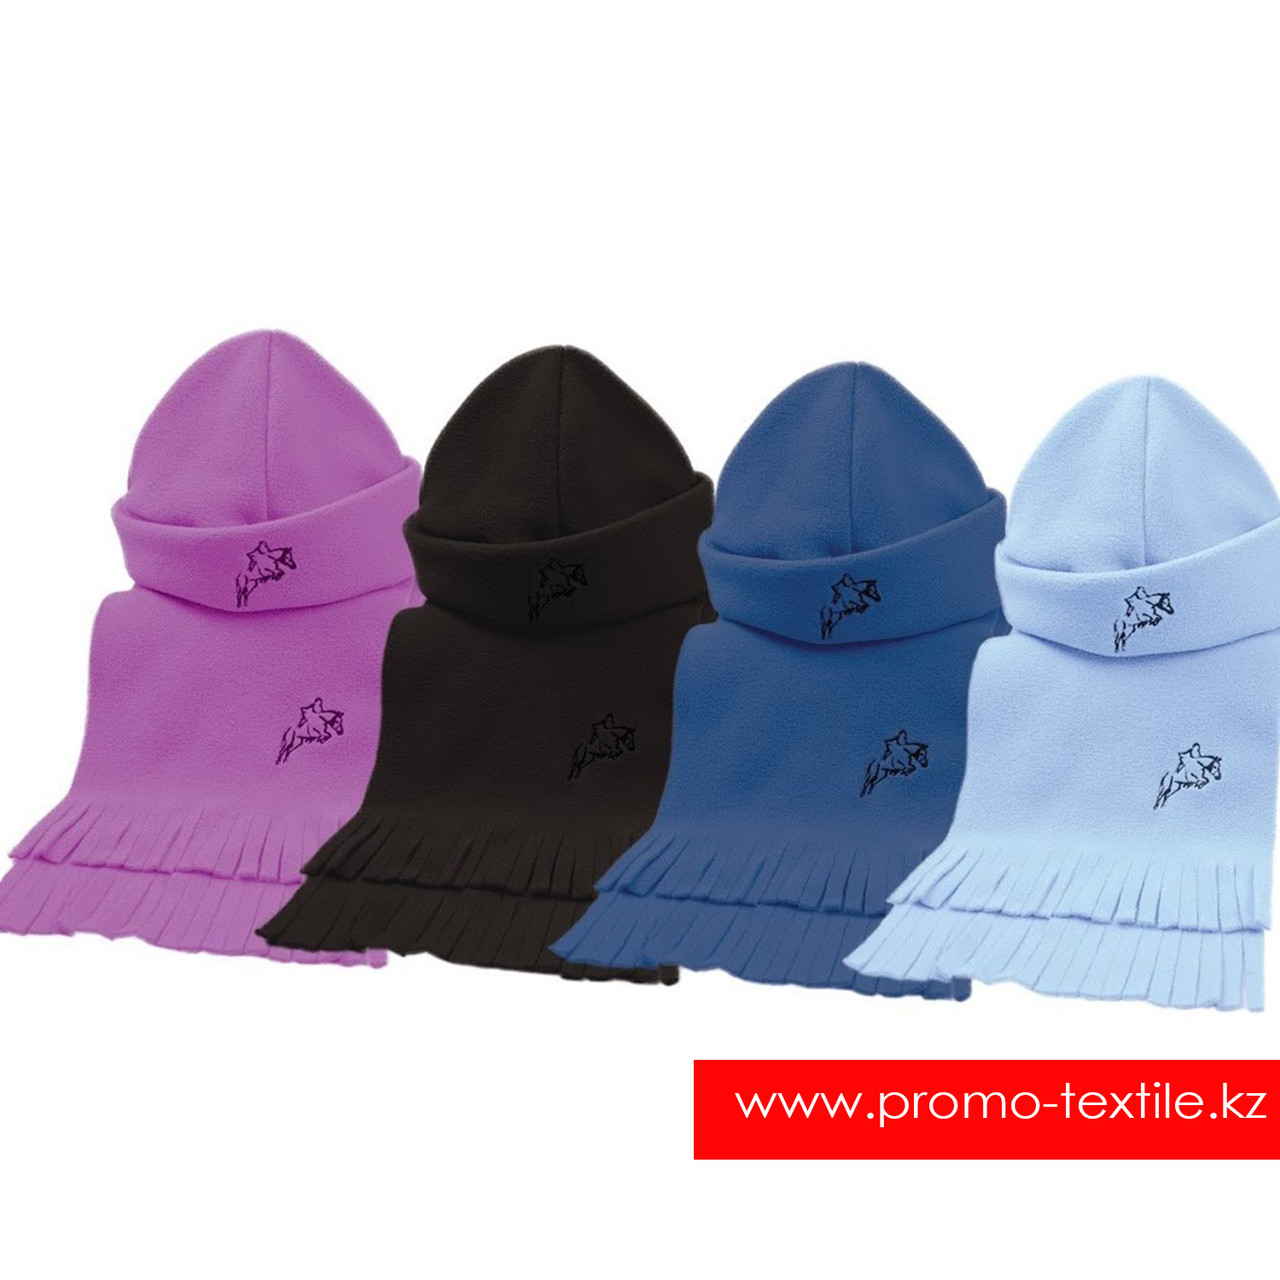 Флисовая шапка и шарф с логотипом